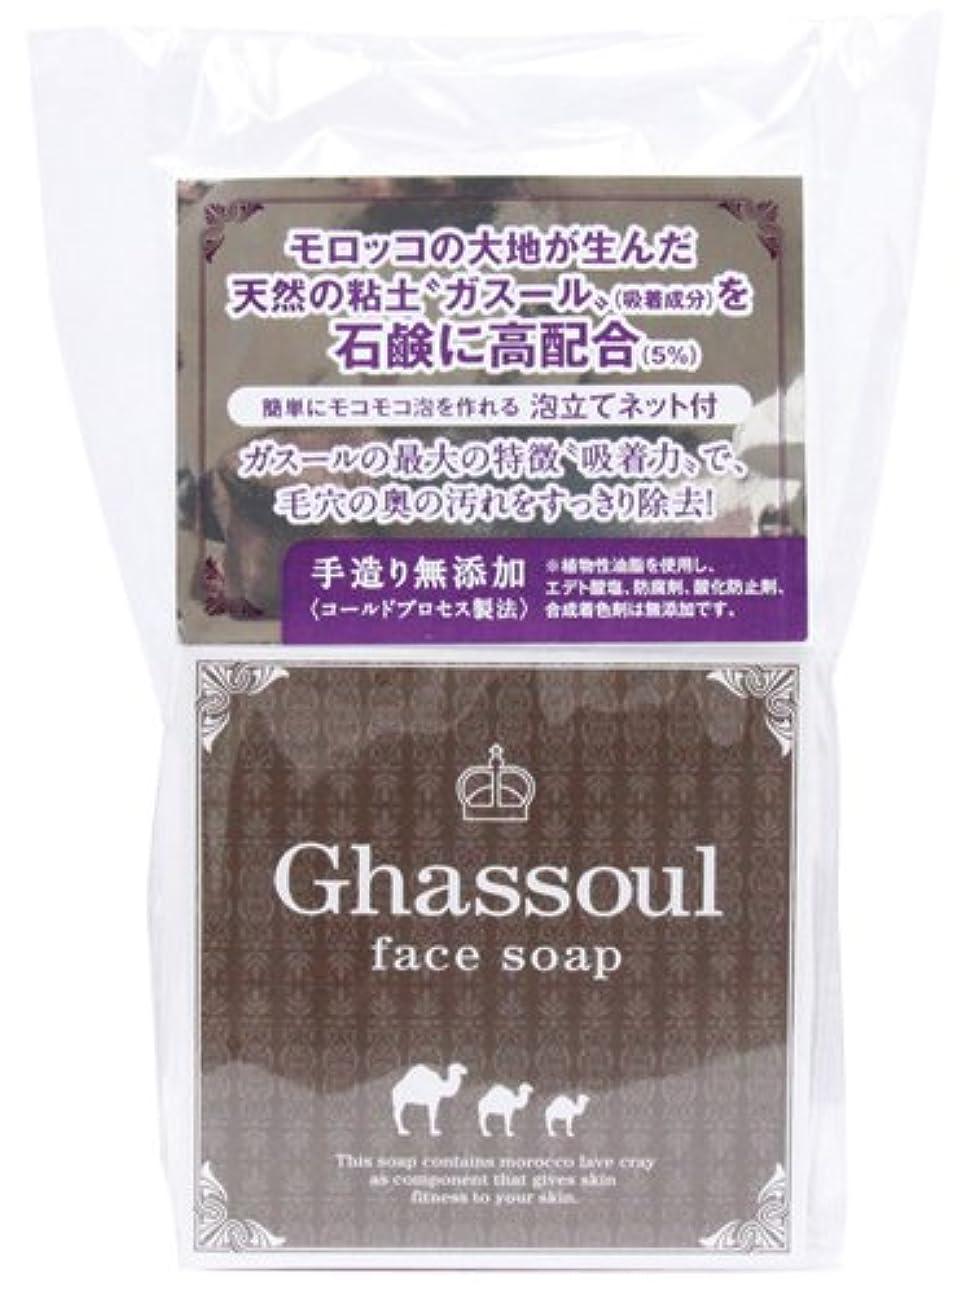 つかの間カブ強大な進製作所 Ghassoul face soap ガスールフェイスソープ 洗顔 100g